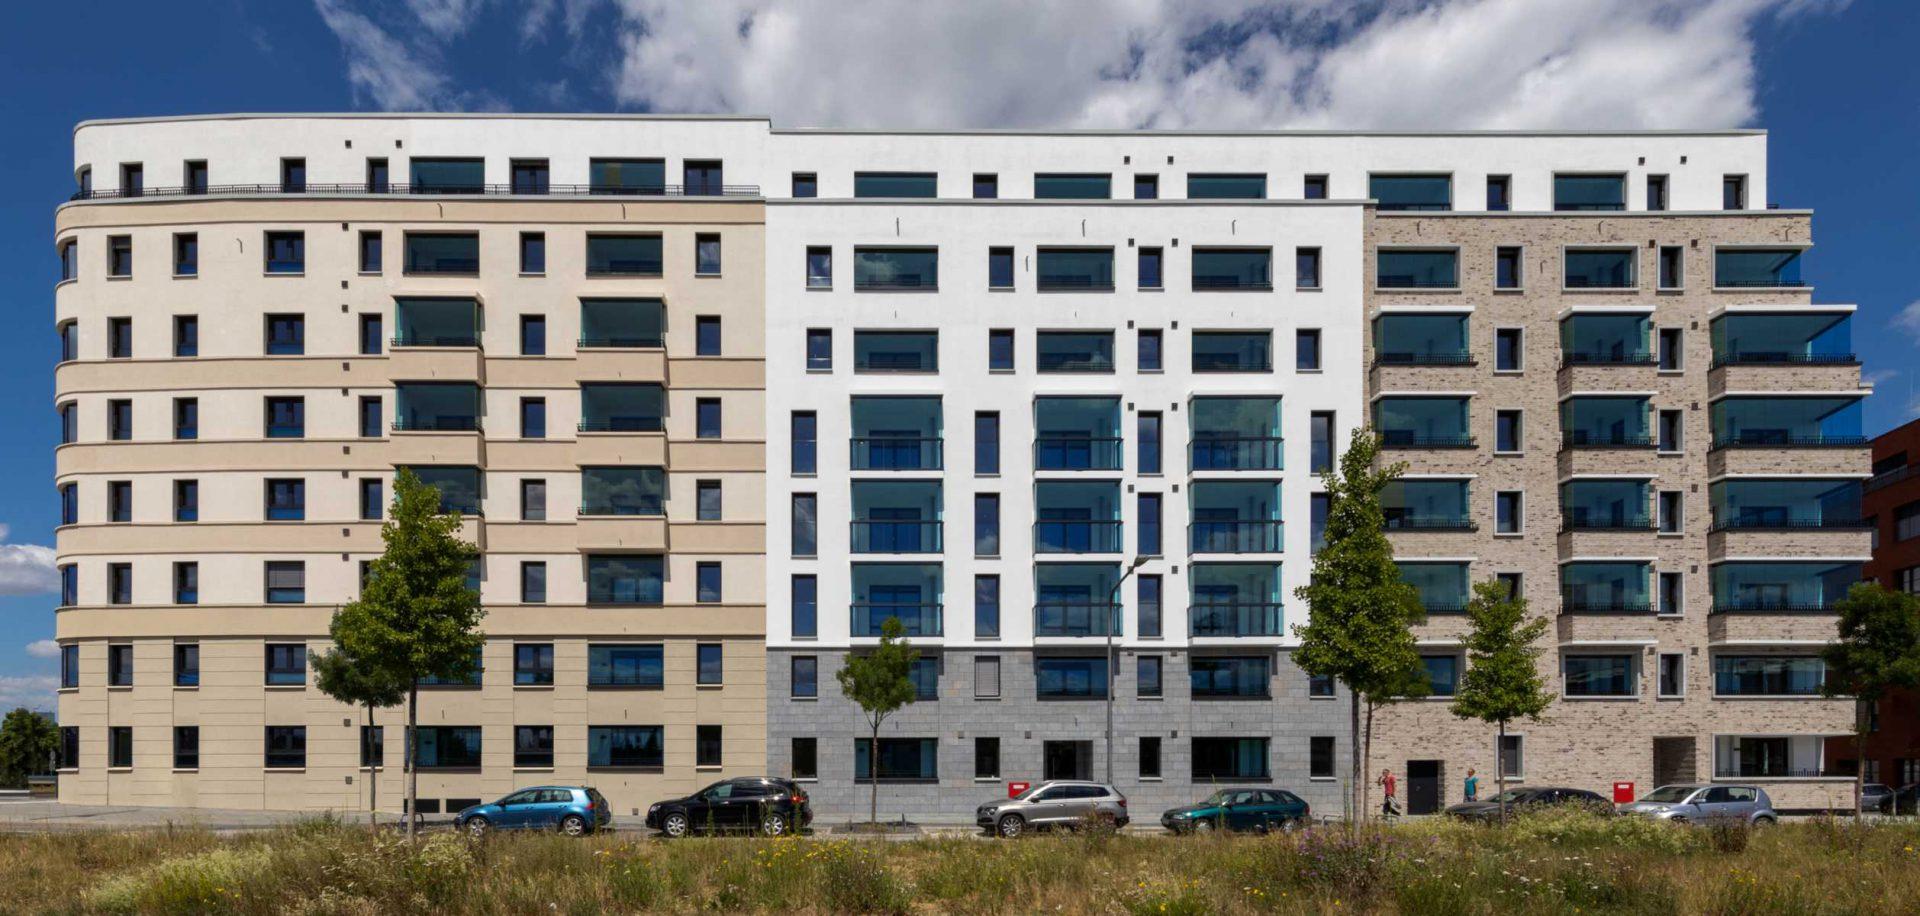 K1600_20200529_033a_PBP Architekten ©DUCKEK Hafenparkquartier Herr Pastuschka__G9A4747